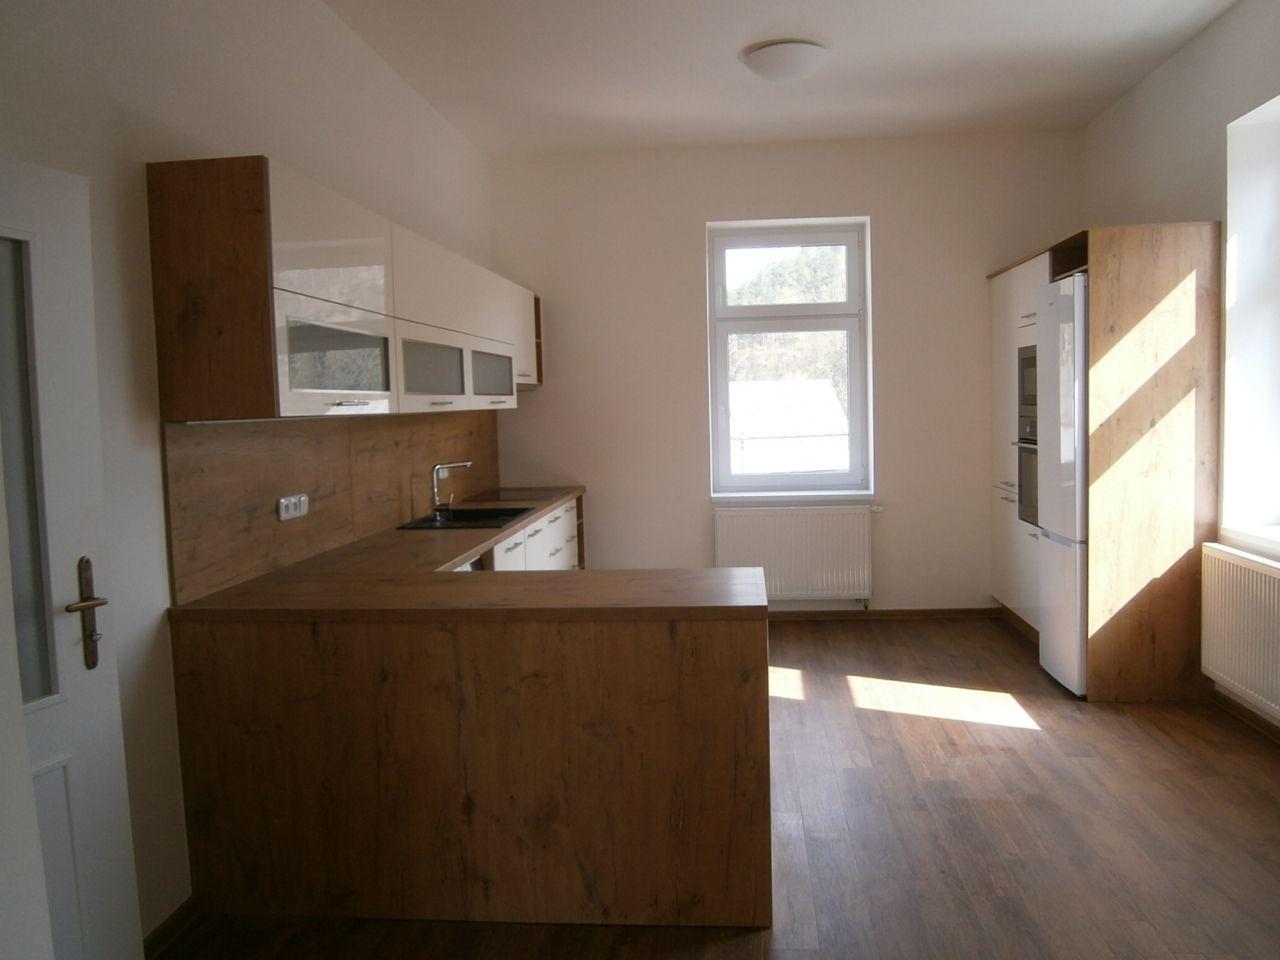 Pronájem krásného bytu 3+1/B, 86 m2 v Hvězdonicích, okres Benešov